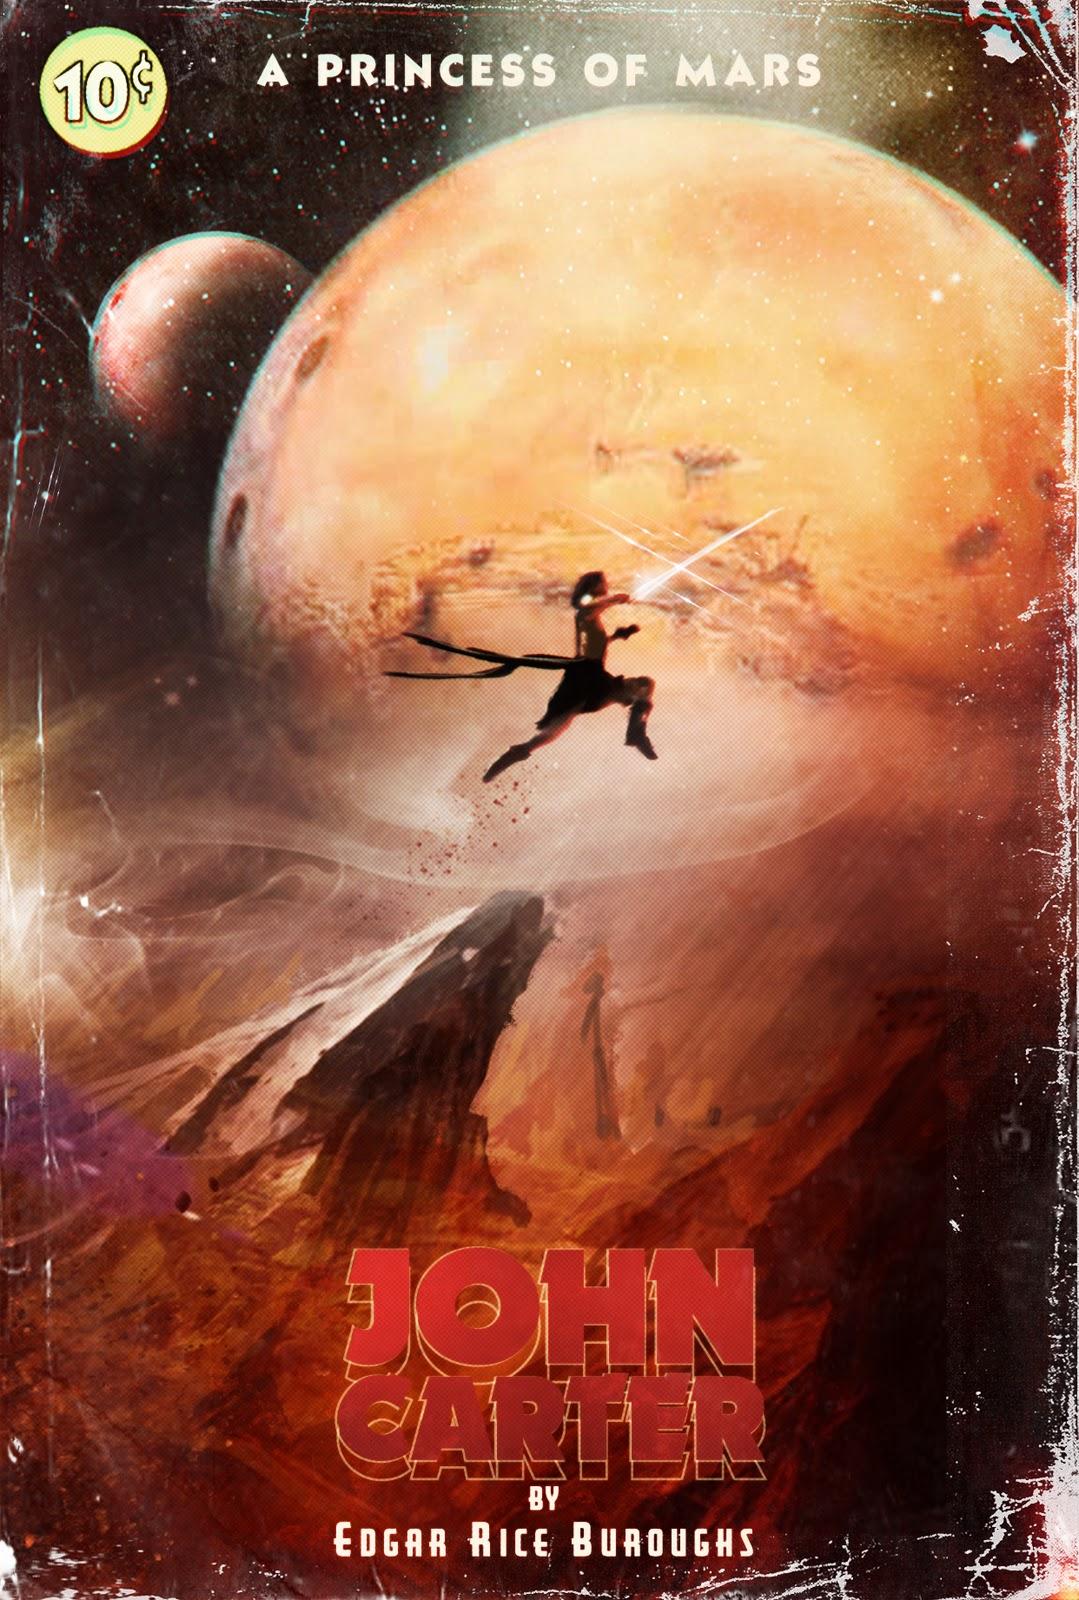 John Carter Book Cover Art : Thejohncarterfiles another cool piece of john carter